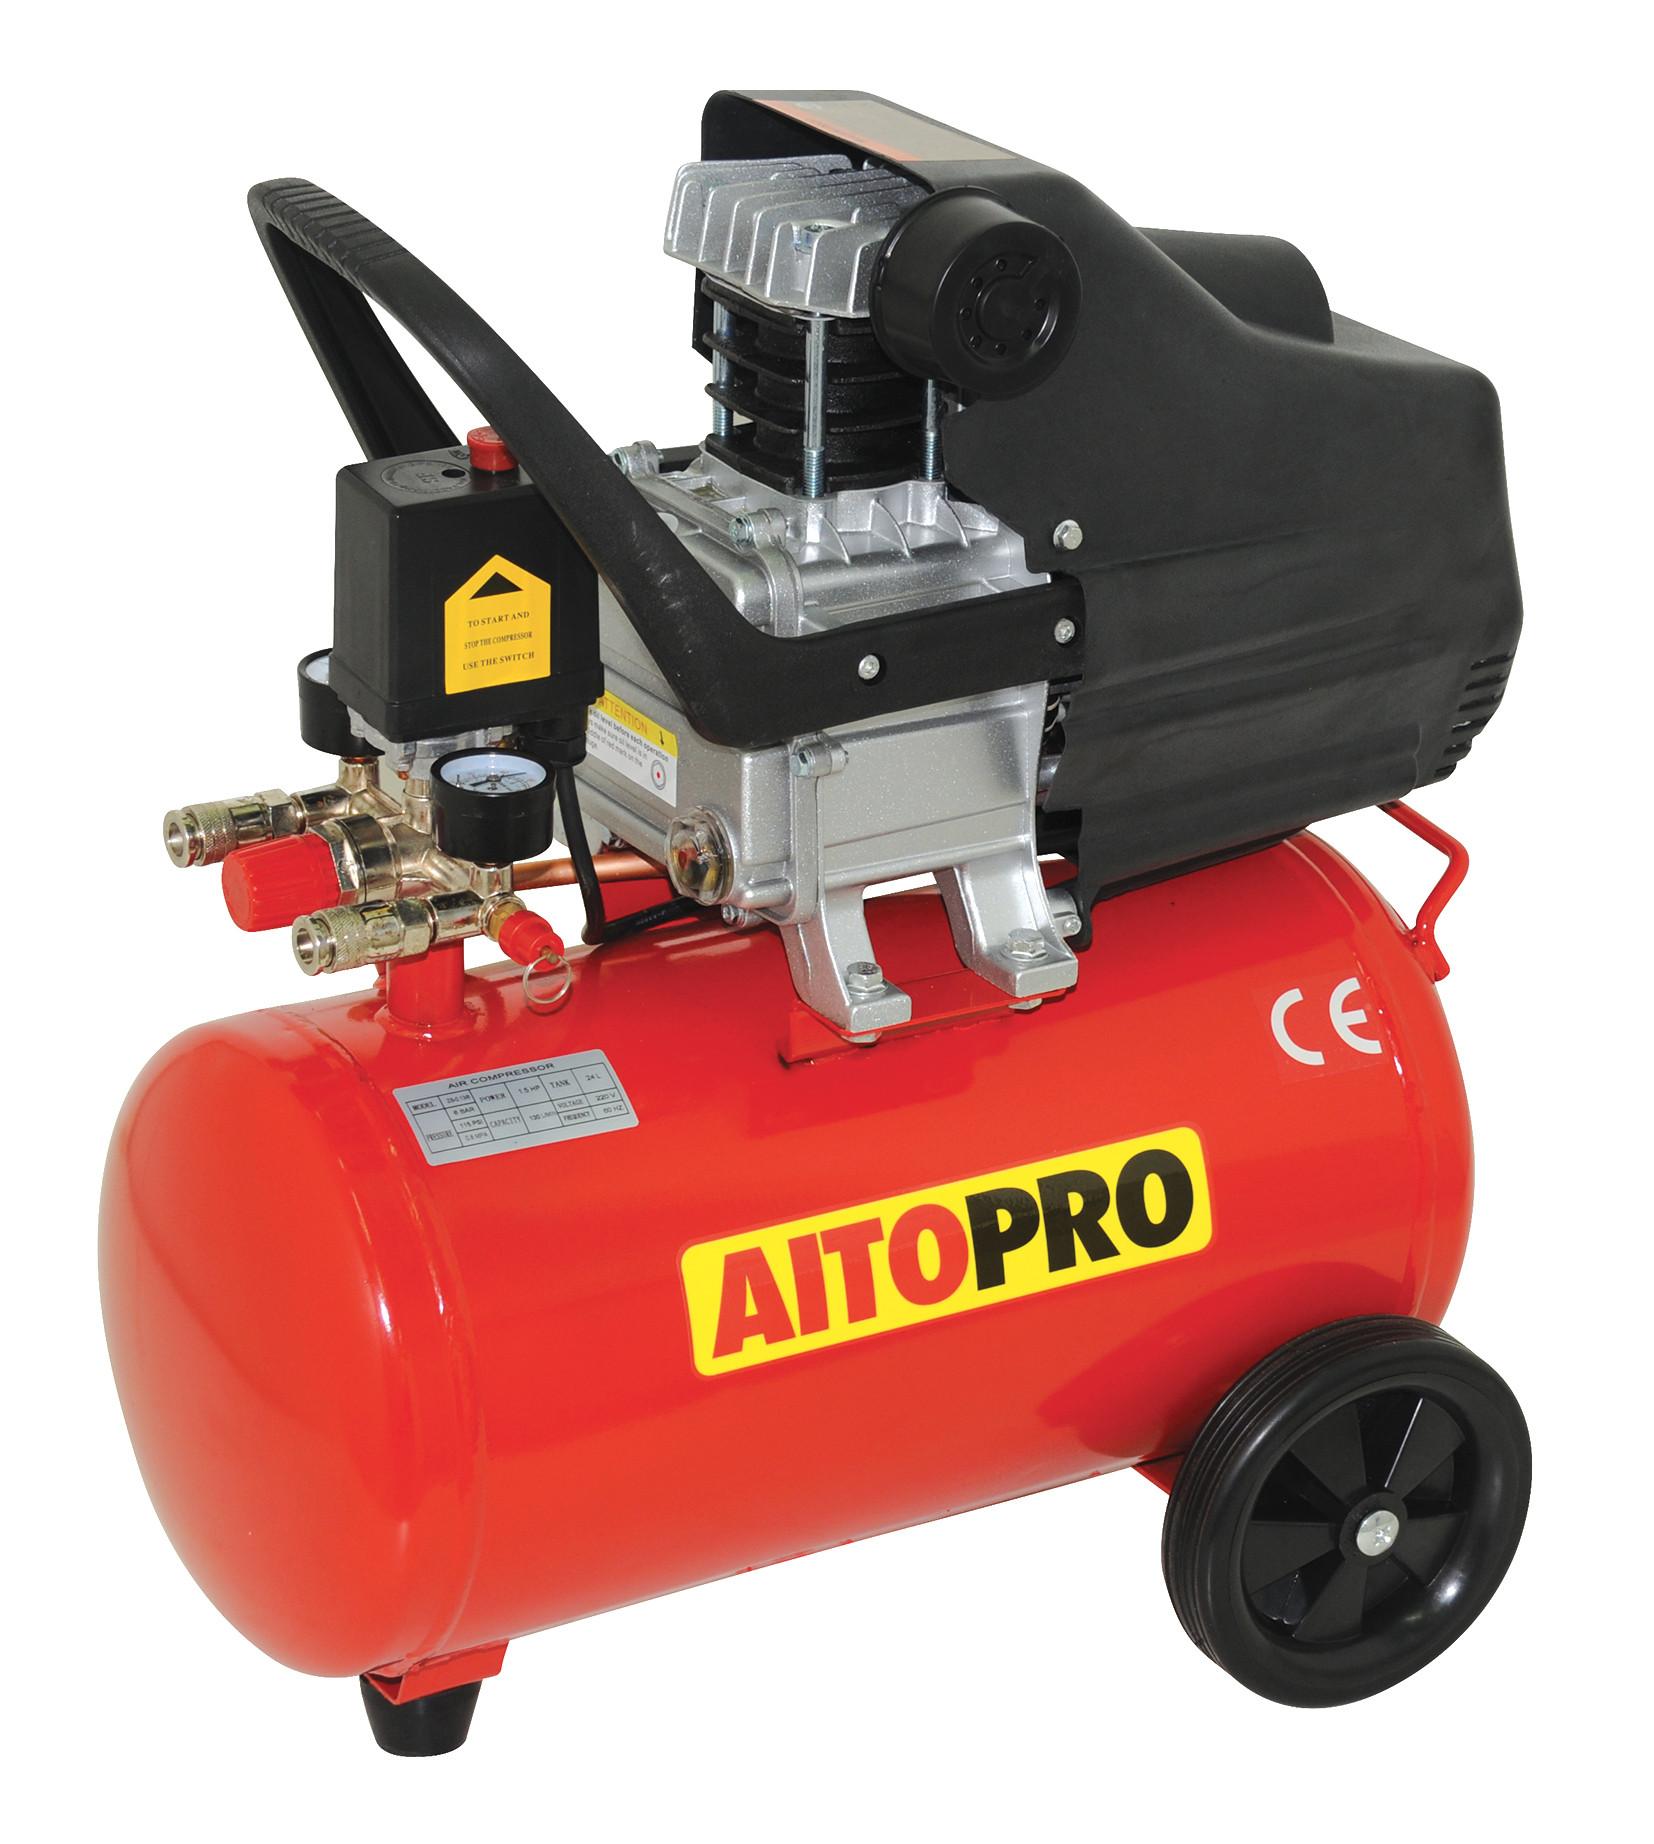 Aitopro Zb 0 13 8 Compresseur 24 L 1 5 Hp Hyper Brico